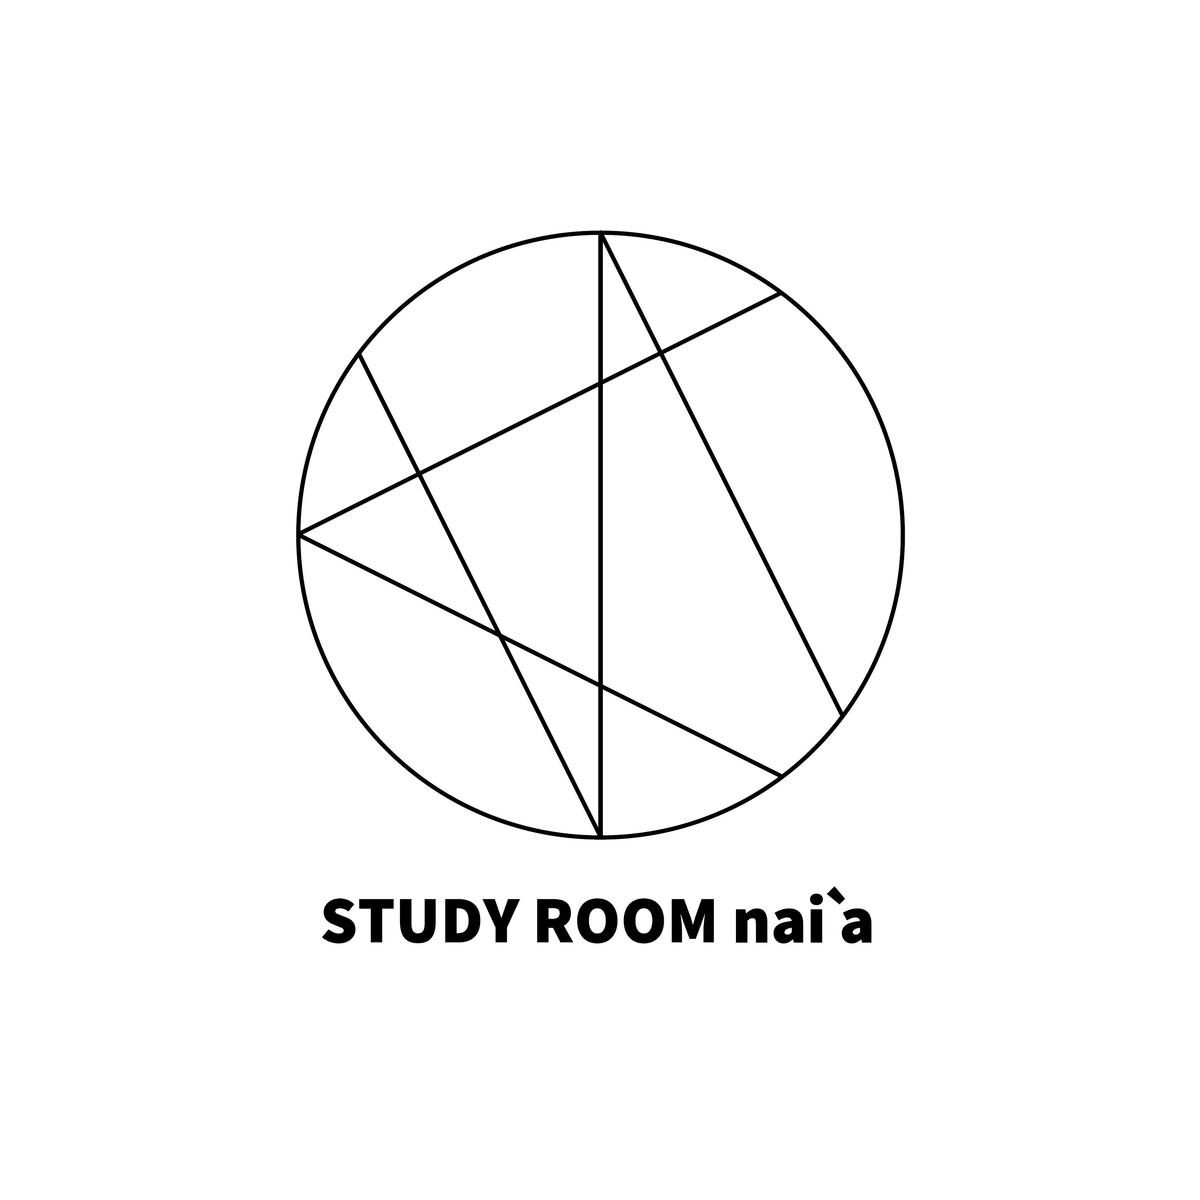 f:id:studyroomnaia:20210903122153j:plain